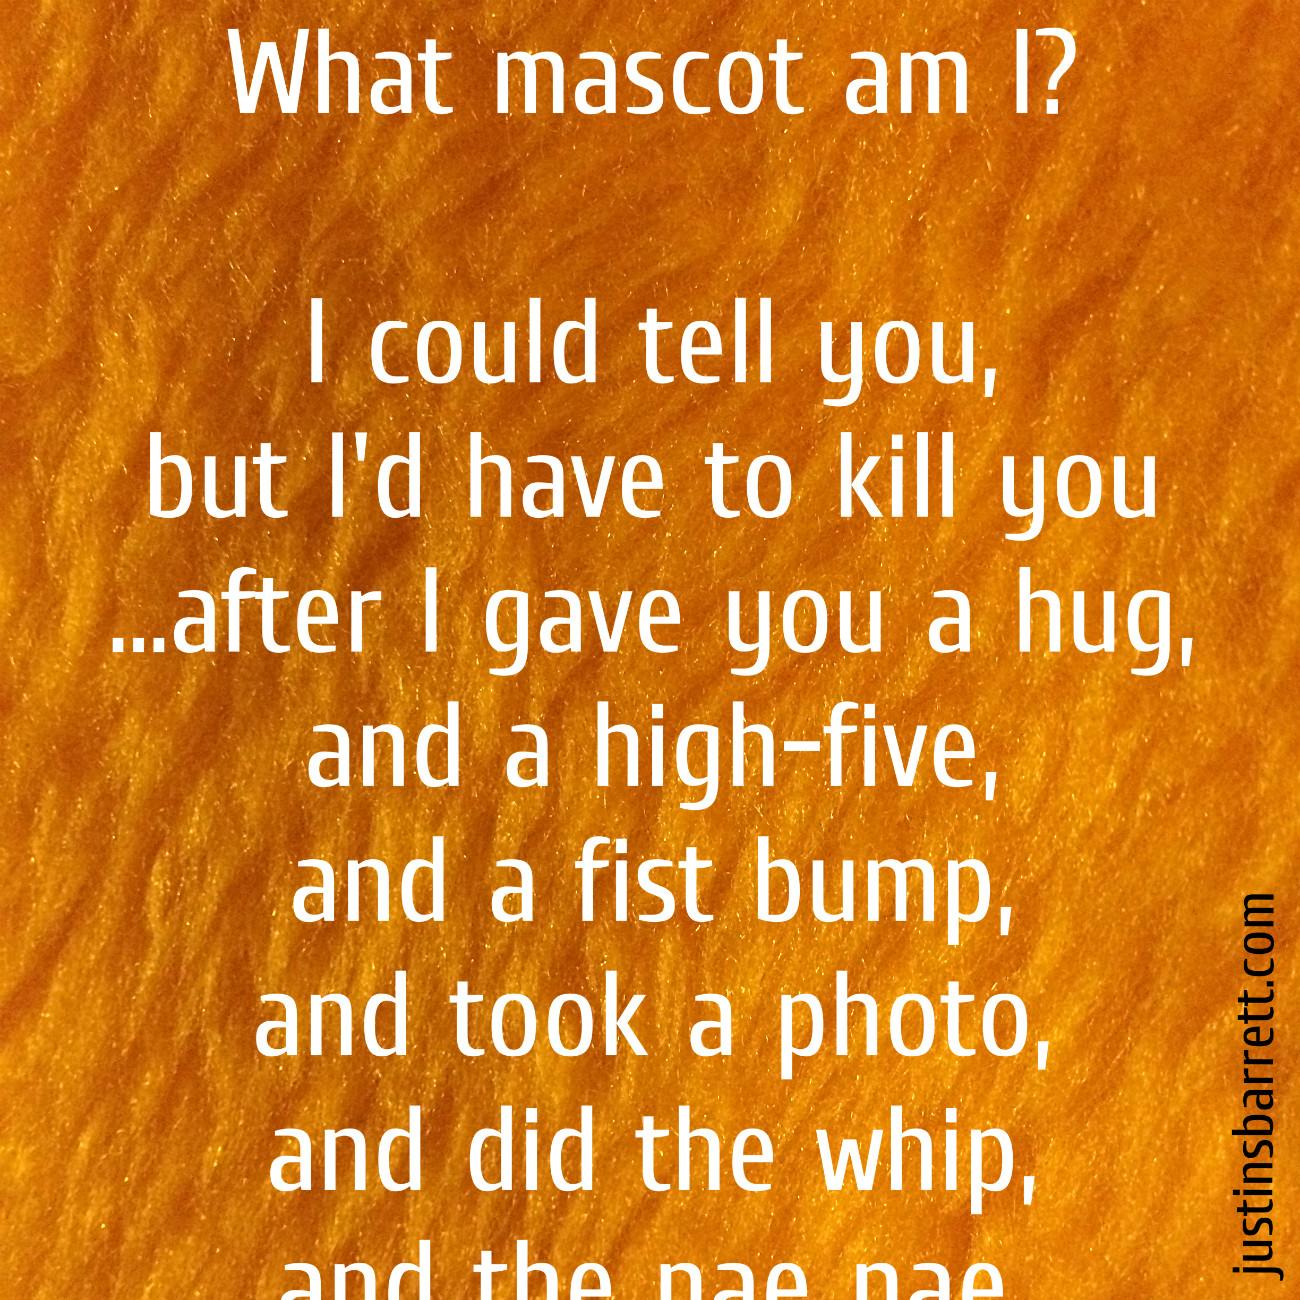 poster_mascotKill